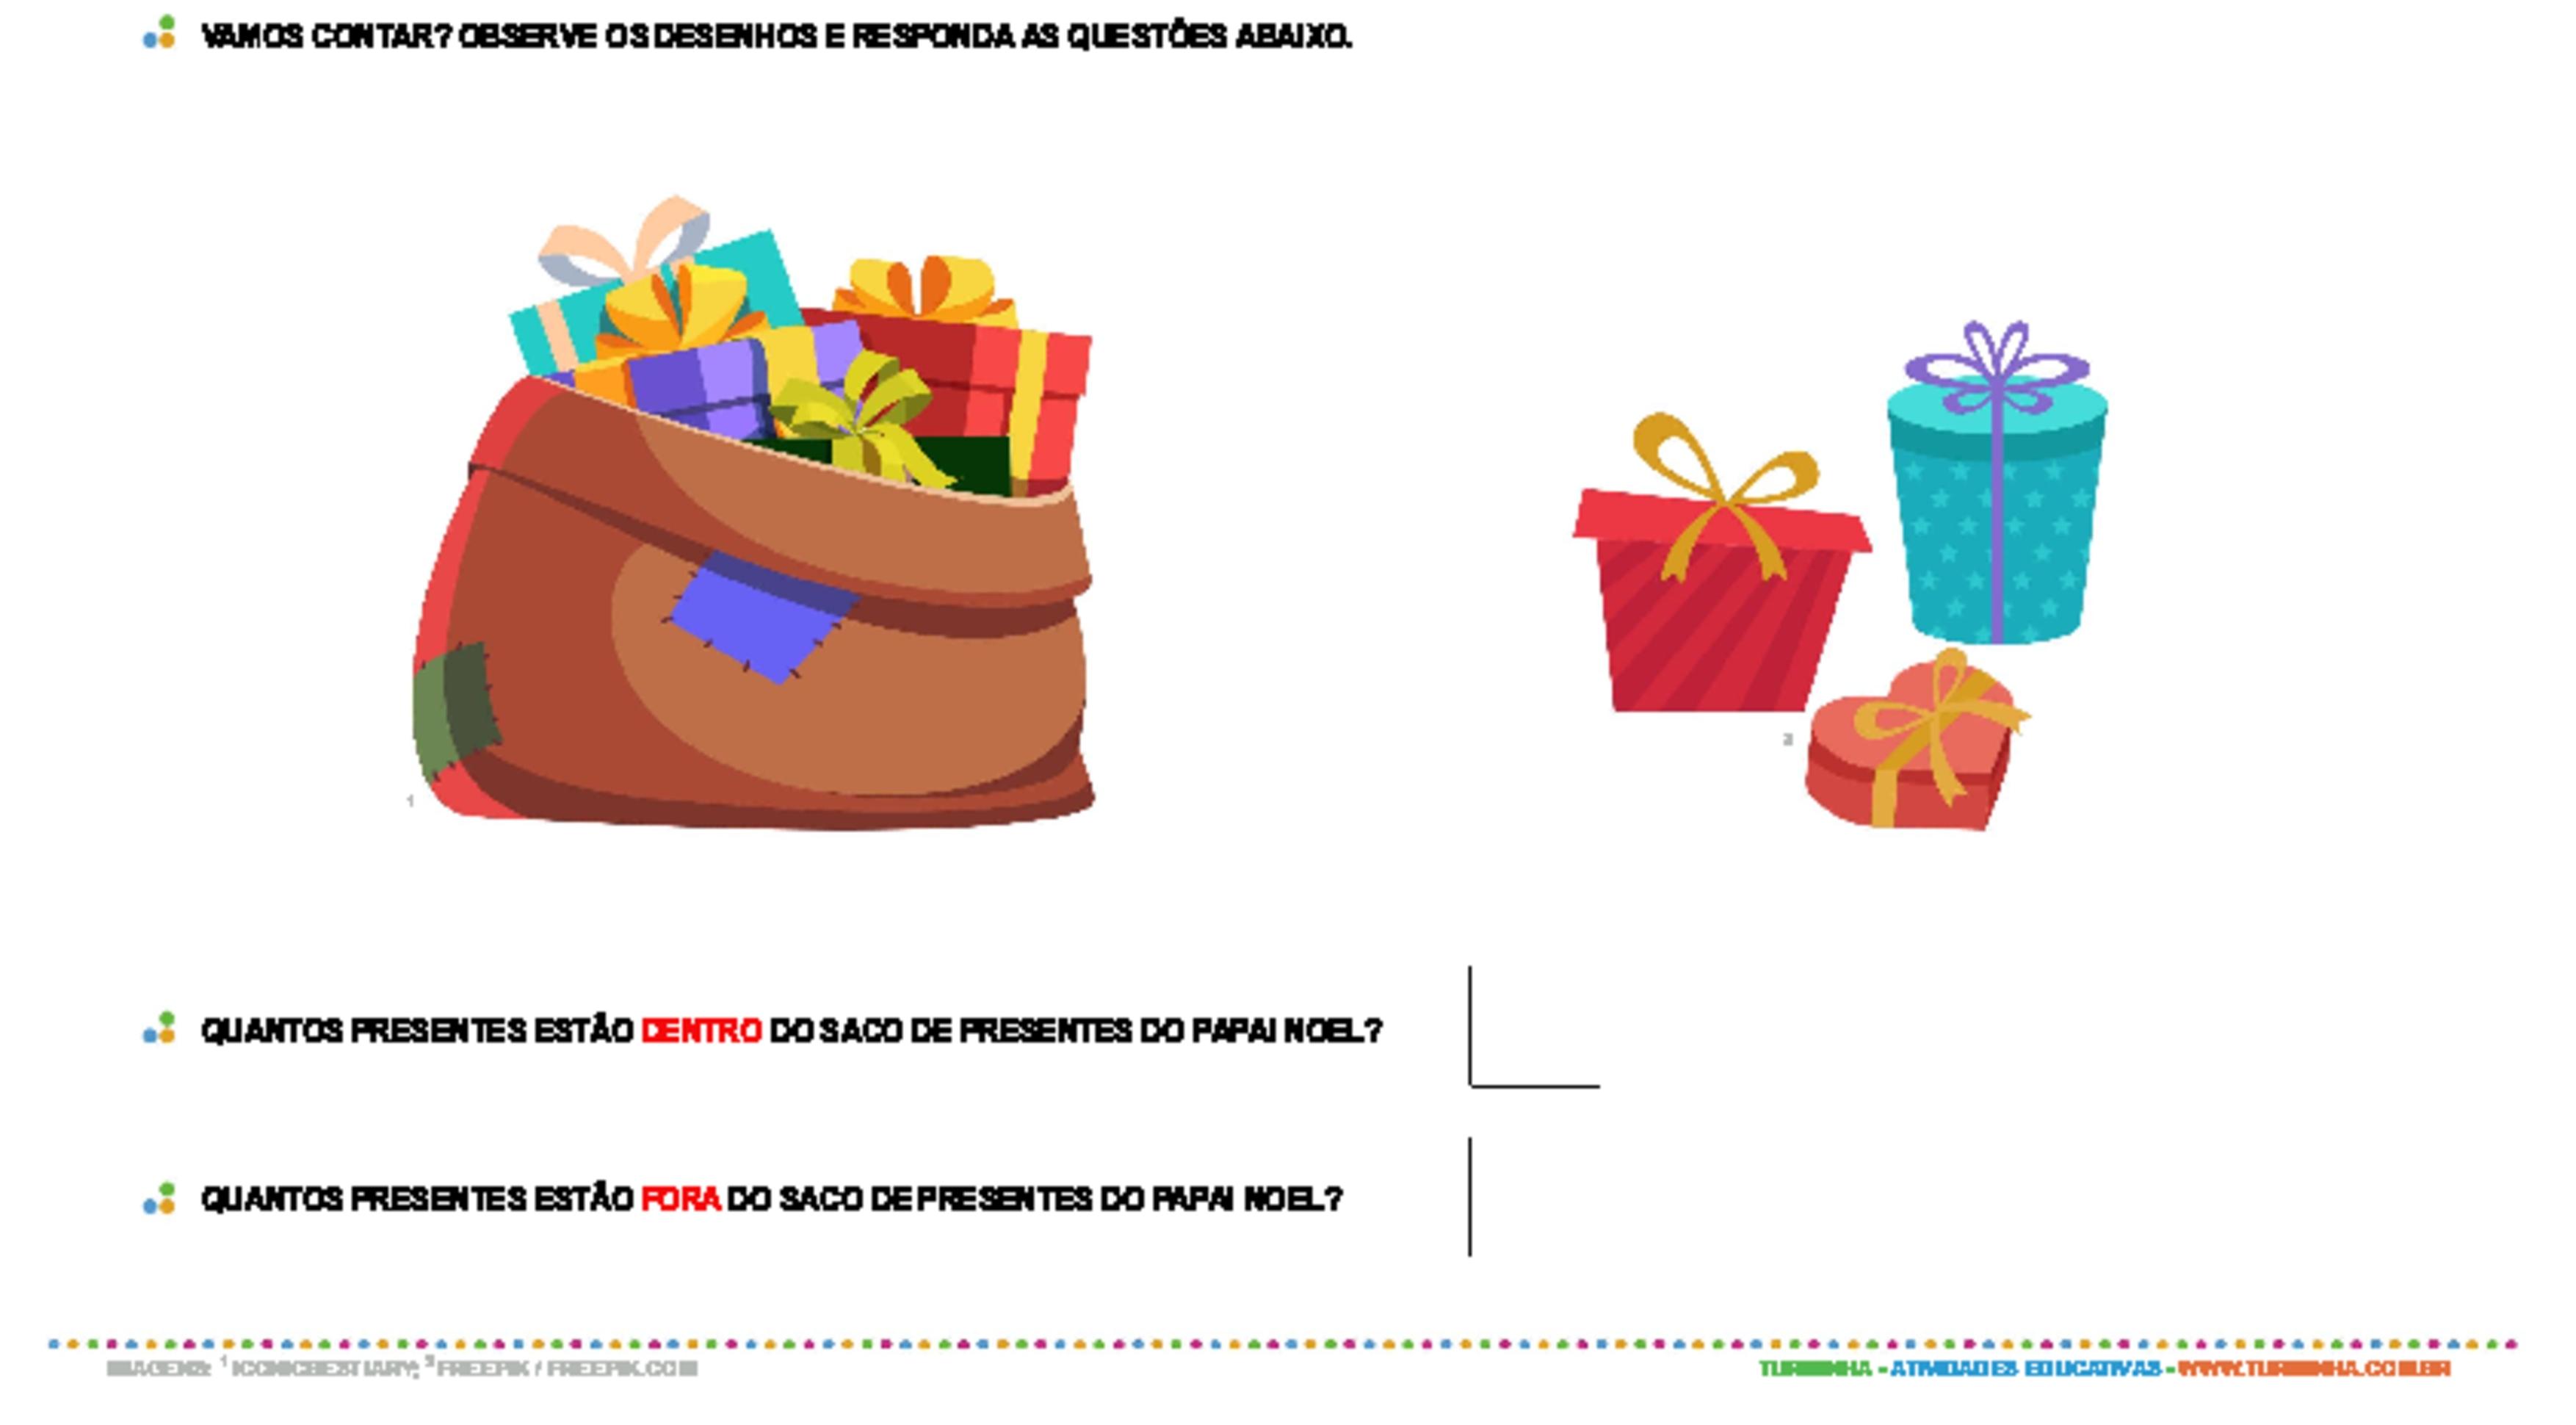 Dentro e fora - Natal - atividade educativa para Pré-Escola (4 e 5 anos)